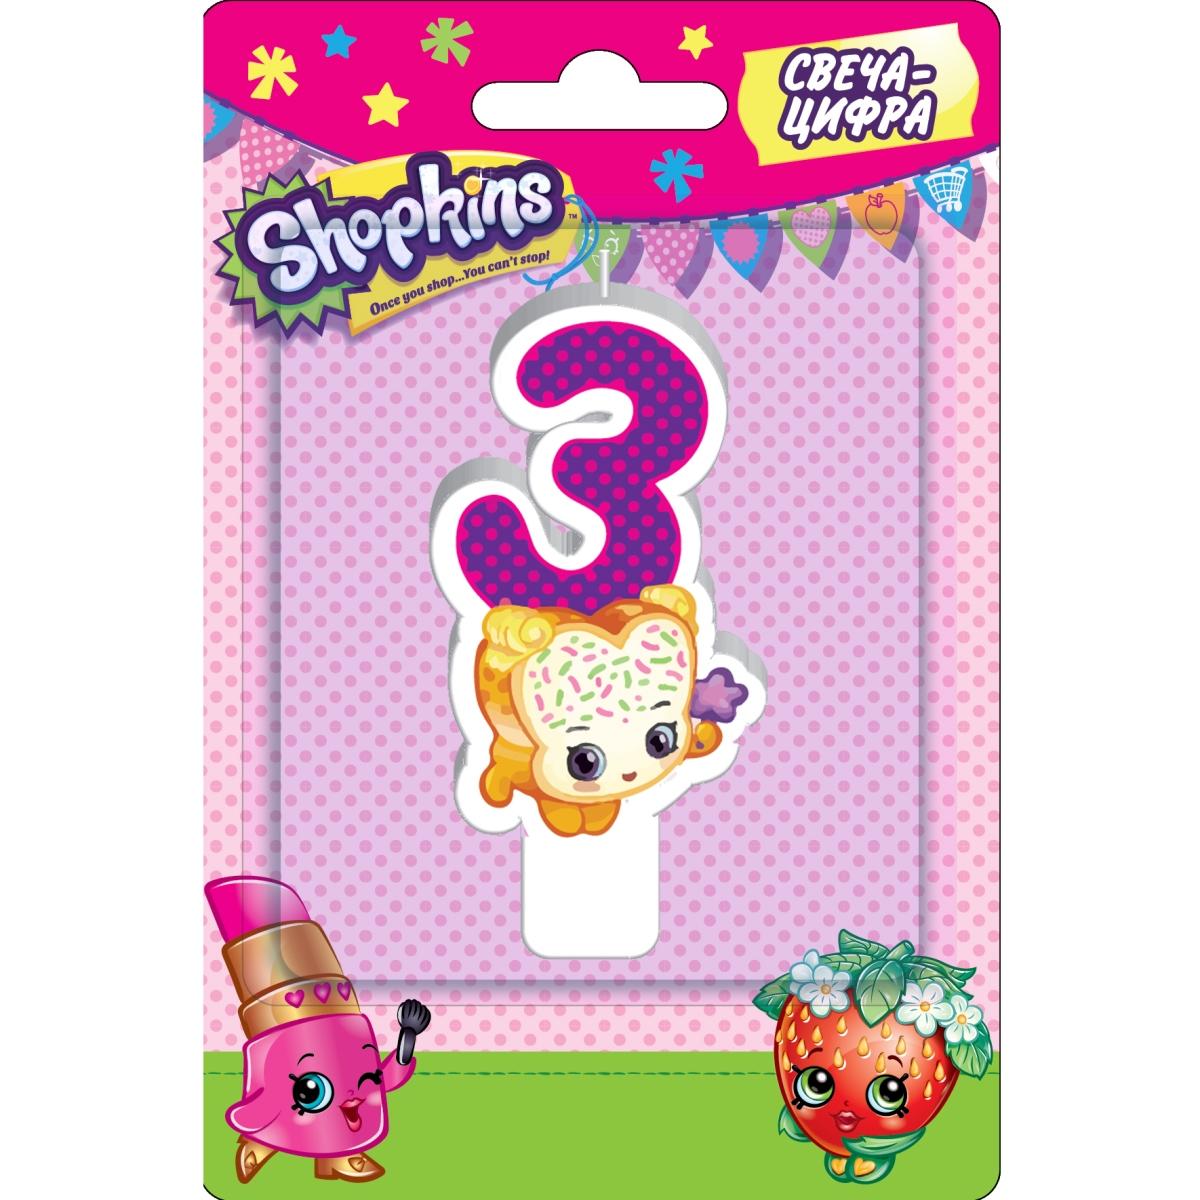 Фигурная свеча-цифра №3 из серии Шопкинс, 8 см.Свечи для торта<br>Фигурная свеча-цифра №3 из серии Шопкинс, 8 см.<br>